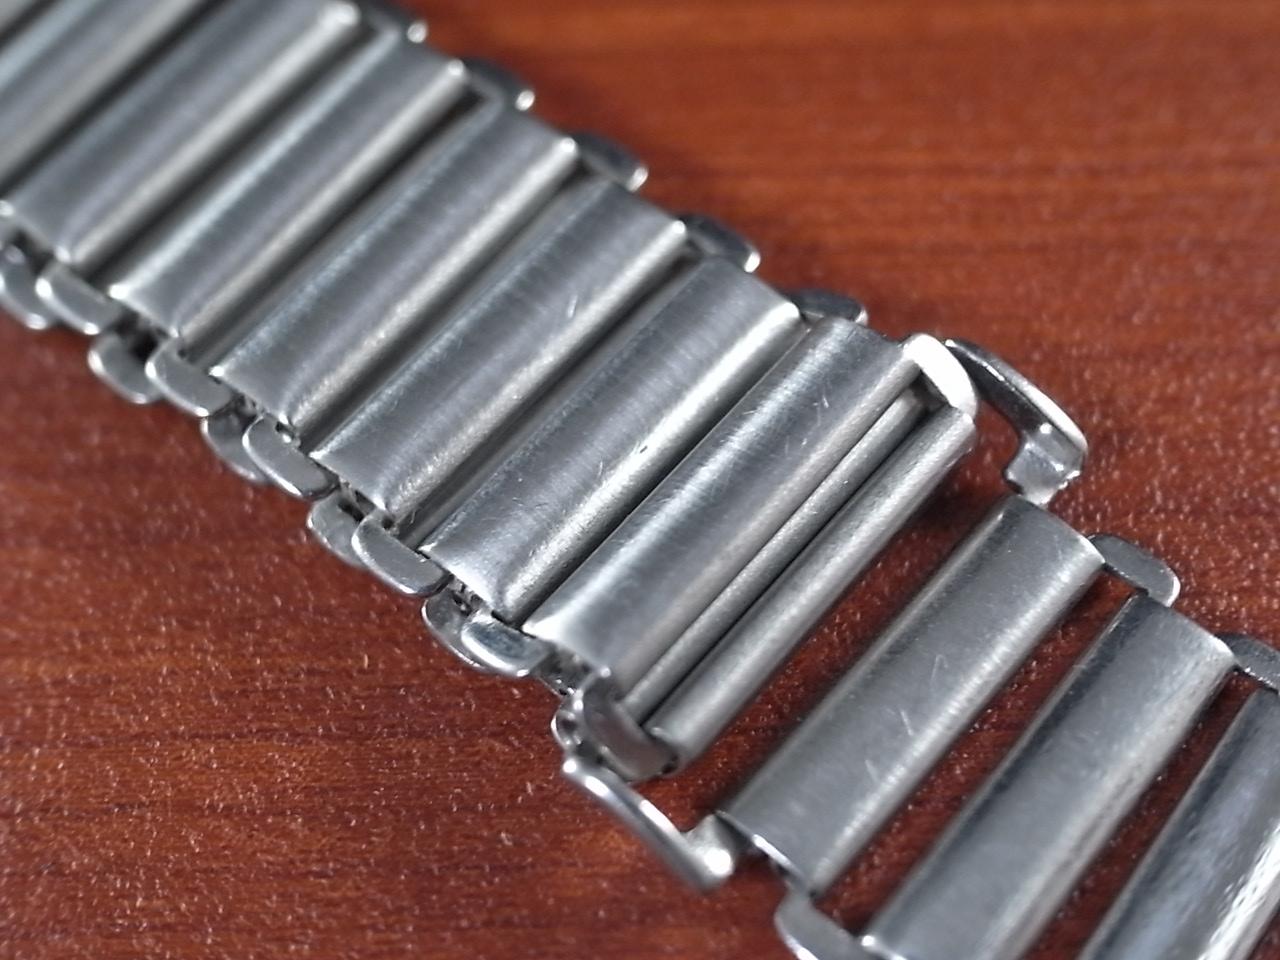 ボンクリップ バンブーブレス SS ブロック体ロゴ 13mmタイプ 16mm BONKLIPの写真5枚目